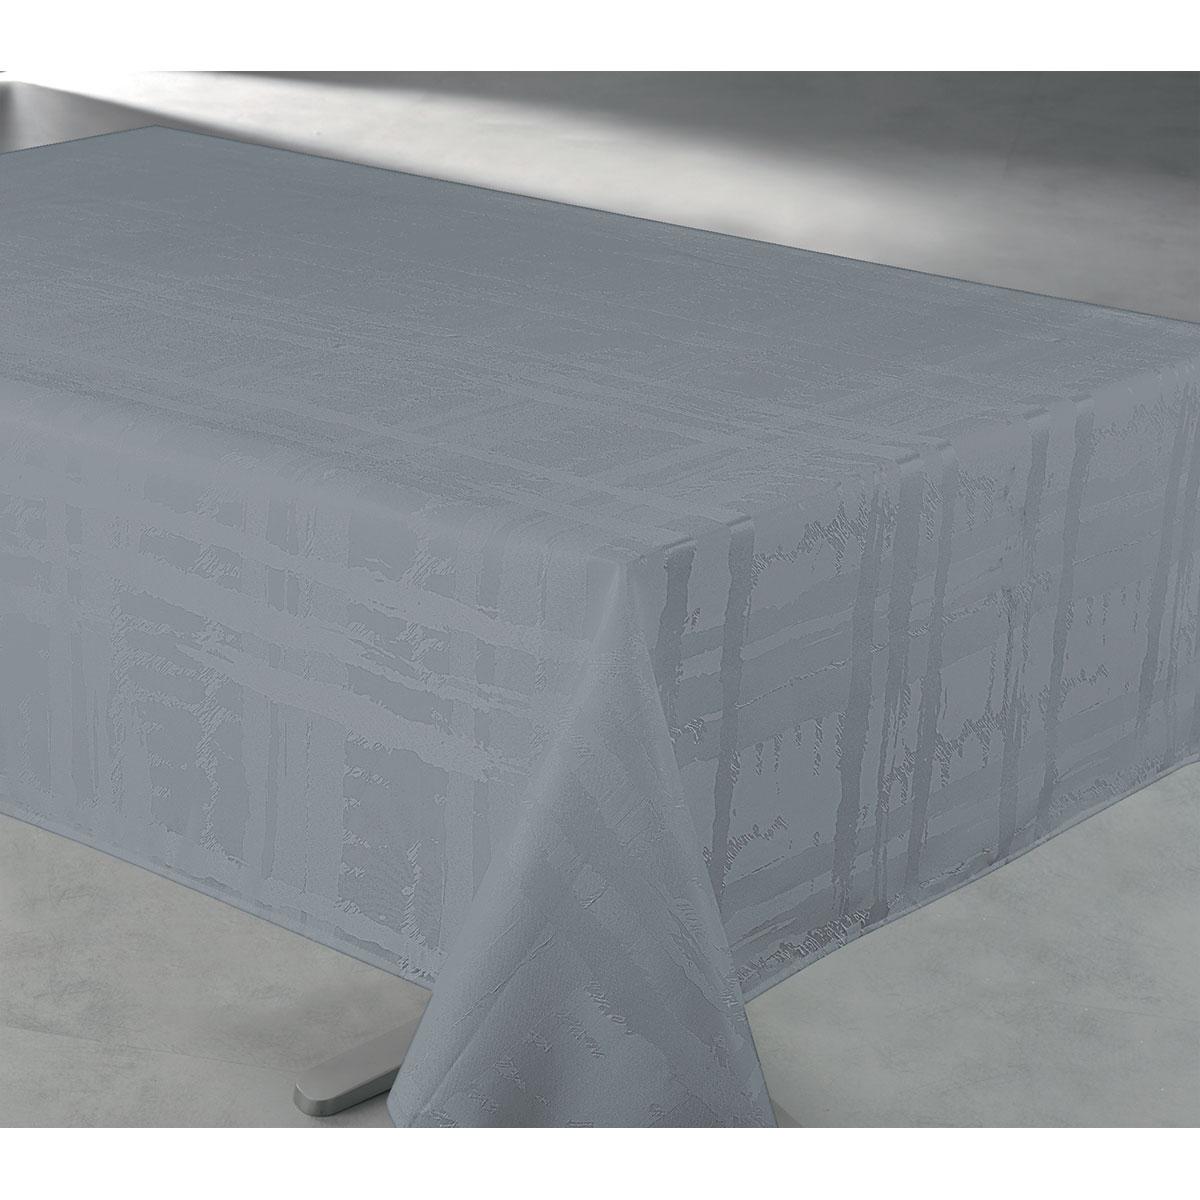 Nappe en tissu jacquard anti tache - Gris Perle - 145 x 240 cm